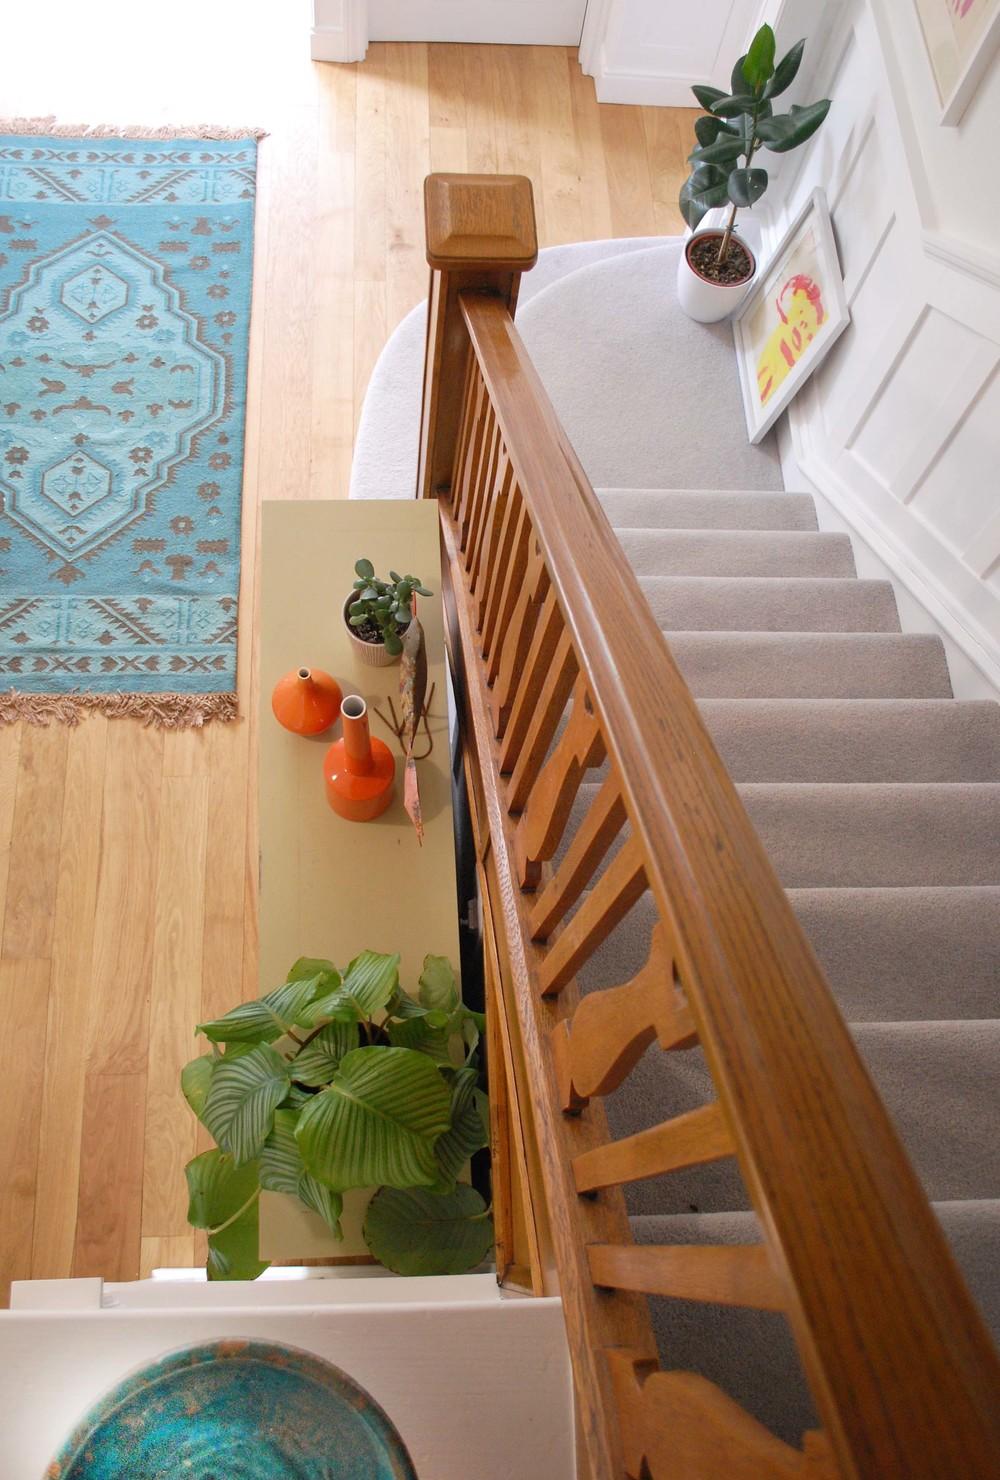 Victorian hallway top view.jpg